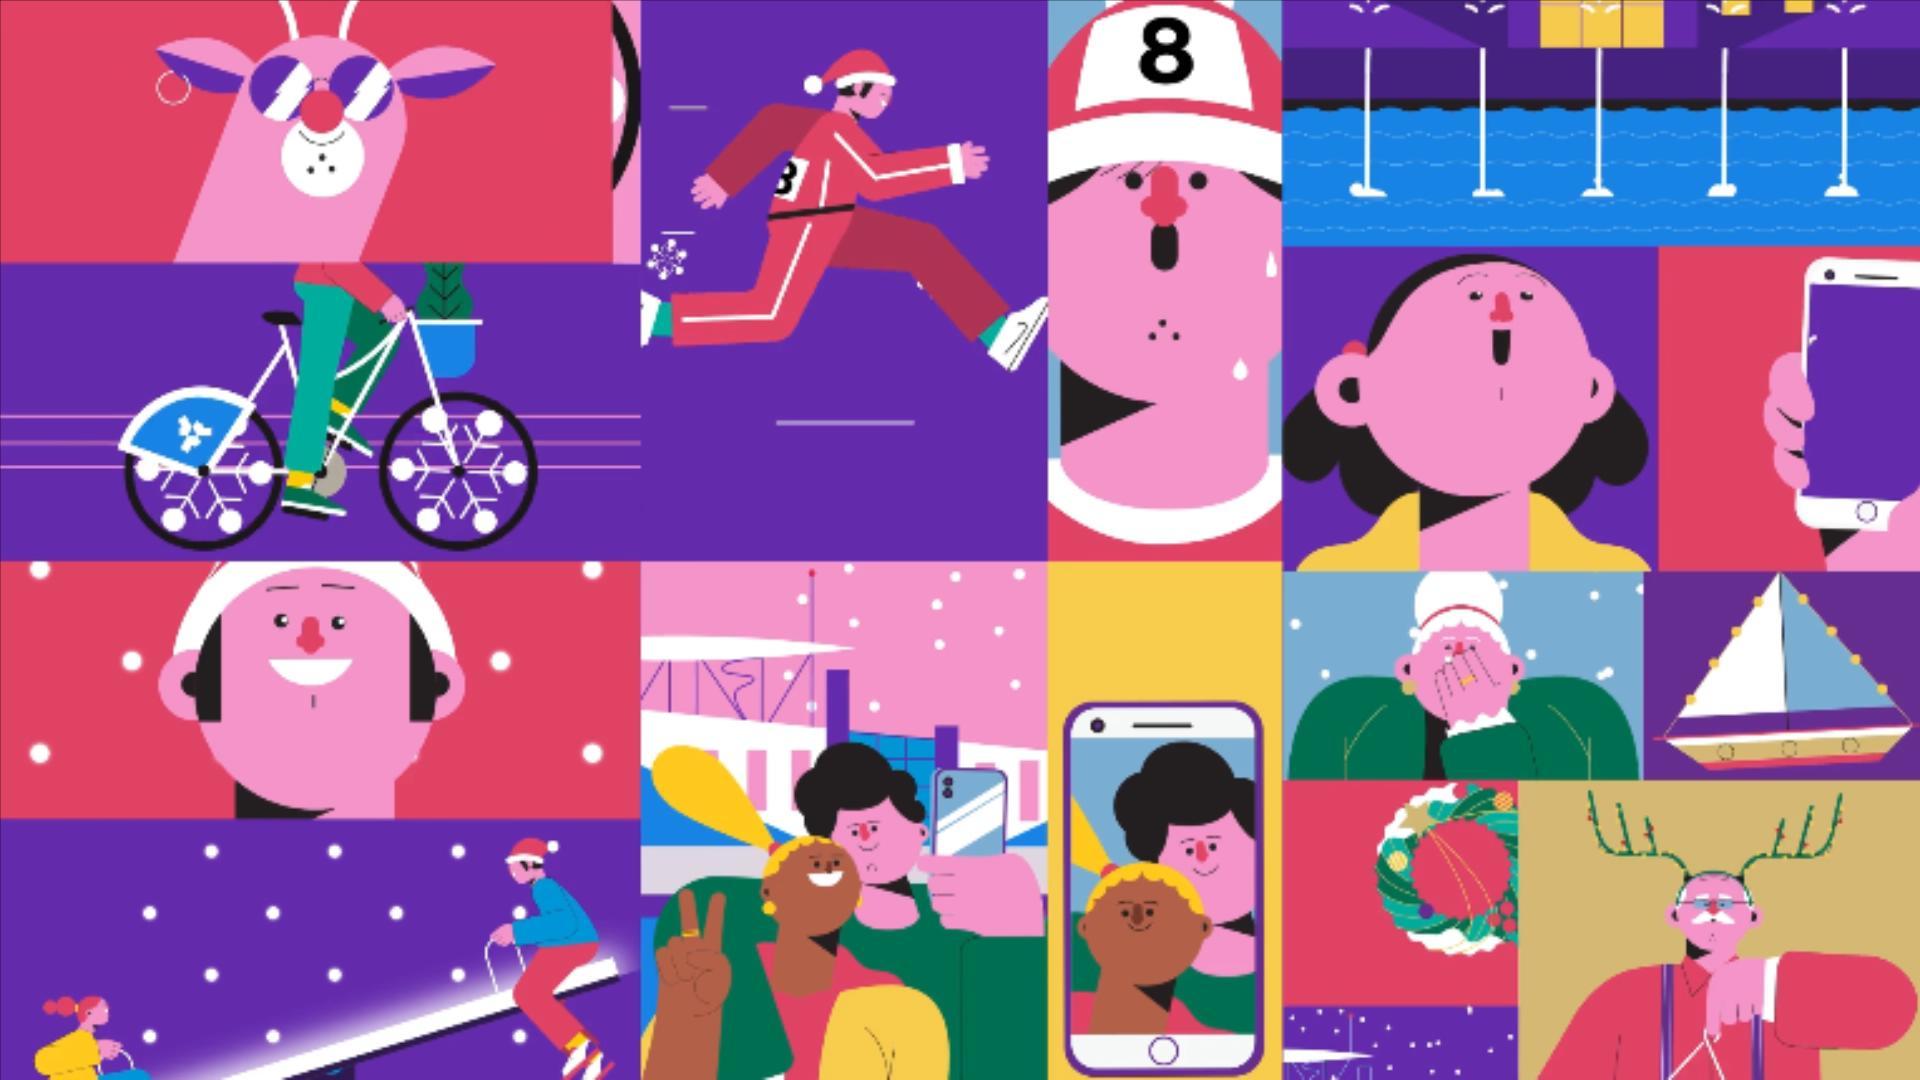 圣诞主题可爱风格的MG动画